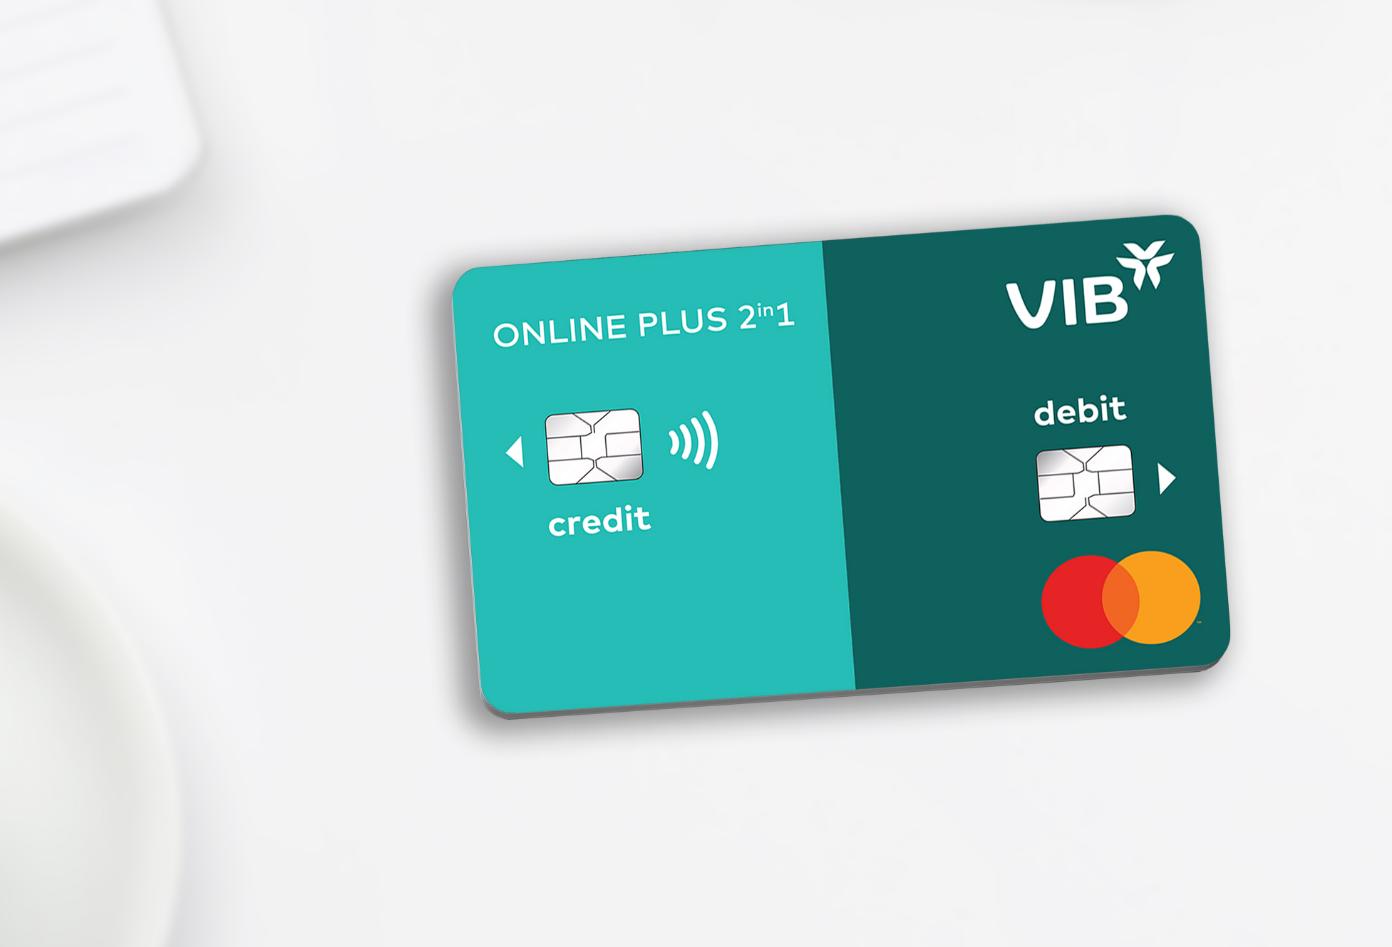 Thẻ thanh toán Online Plus 2in1 tặng chủ thẻ đến 21,6 triệu đồng dùng Grab. Ảnh: VIB.